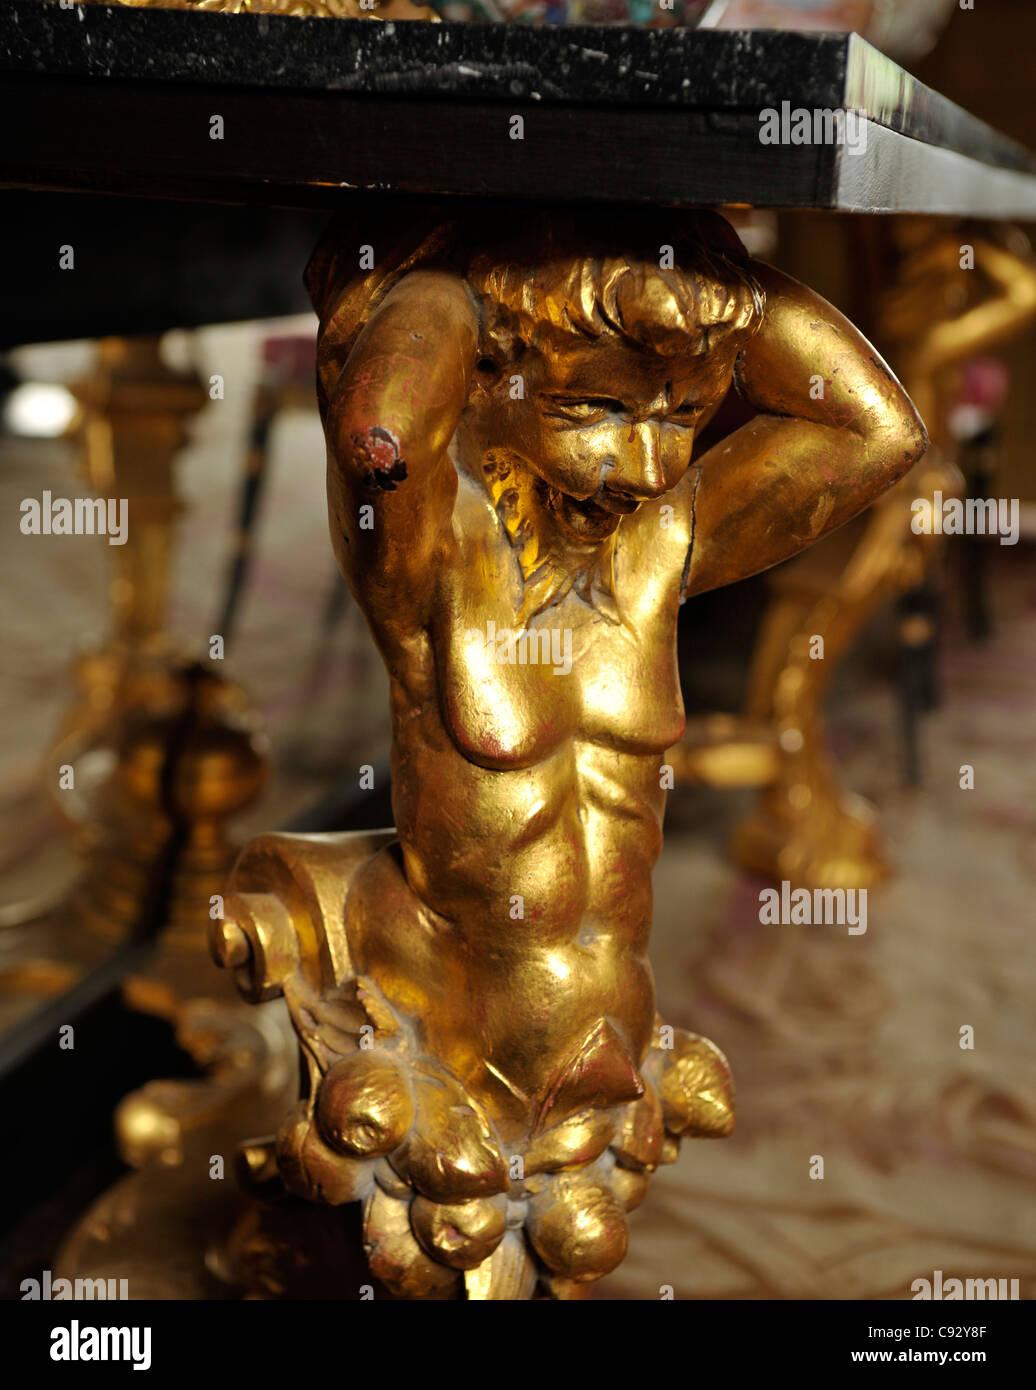 Kunstvoll geschnitzte Möbel Darstellung Fabelwesen und Götter waren ein beliebter Weg bezeichnen, Reichtum Stockbild